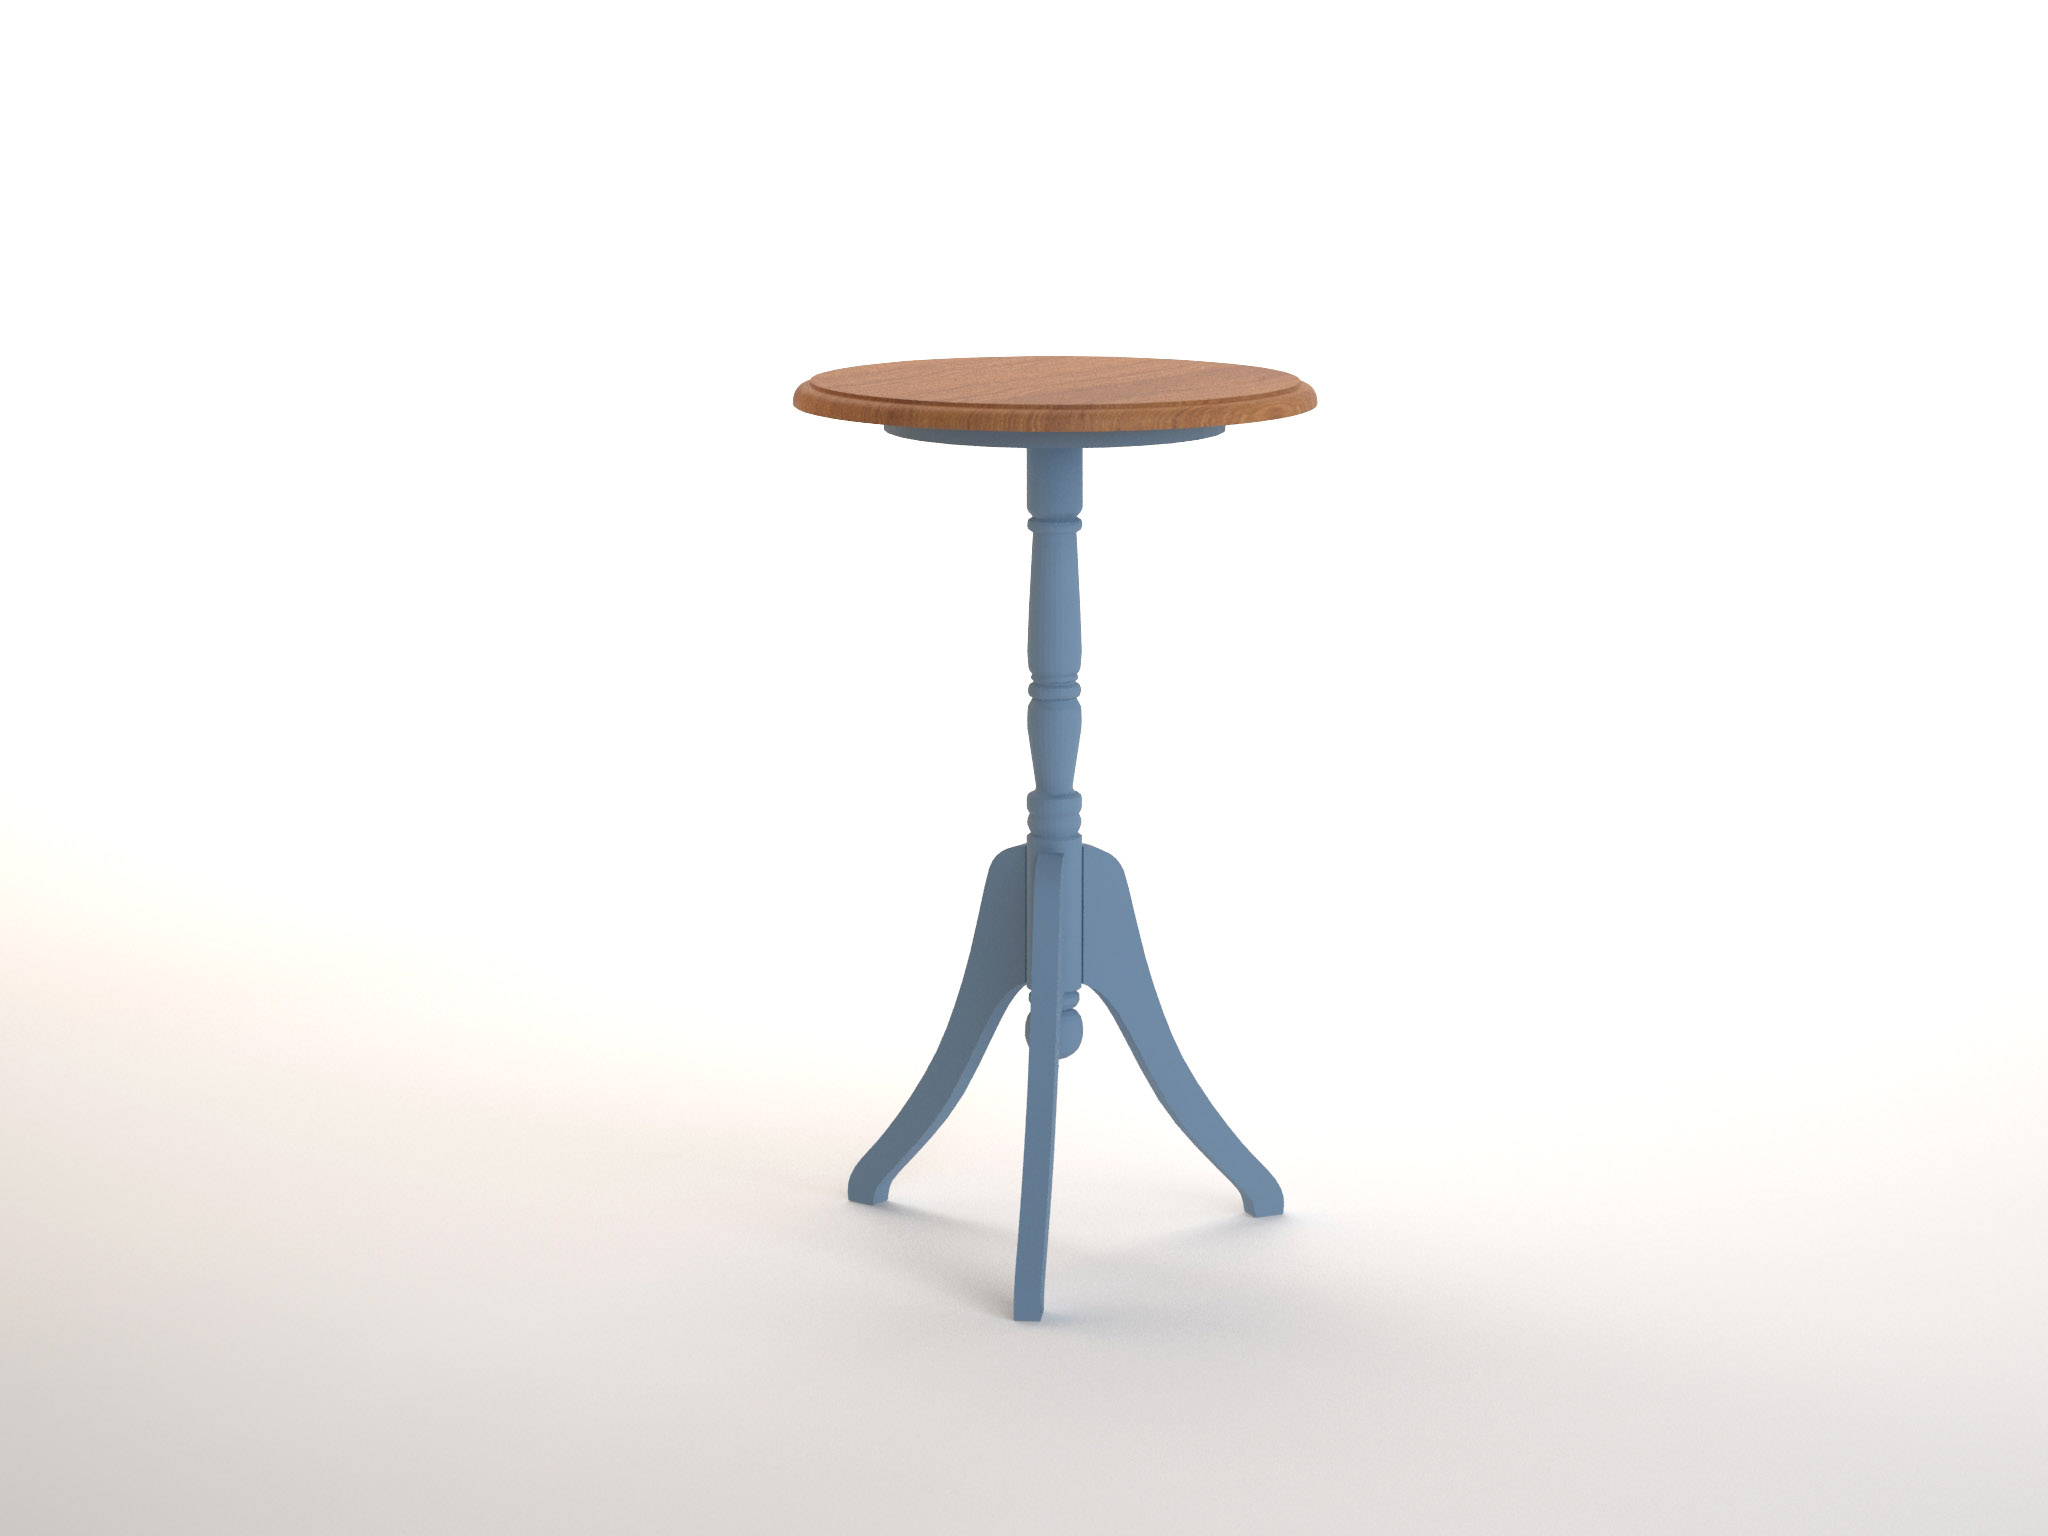 Кофейный стол leontina (etg-home) голубой 40.0x68.0x40.0 см. фото